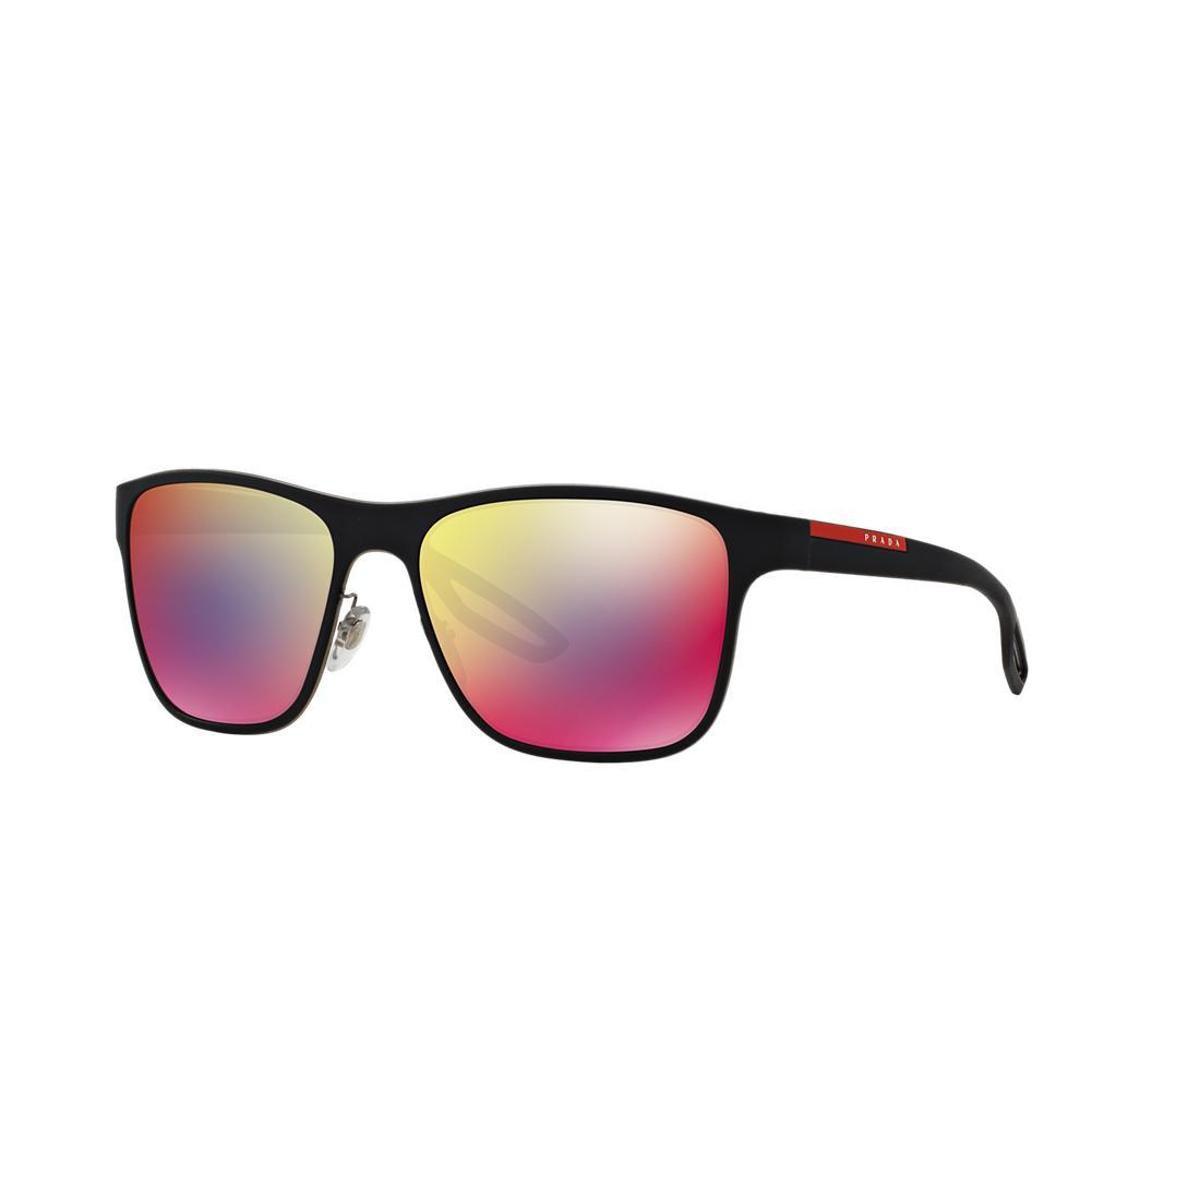 Óculos de Sol Prada Linea Rossa PS 56QS - Compre Agora   Zattini 4037865810